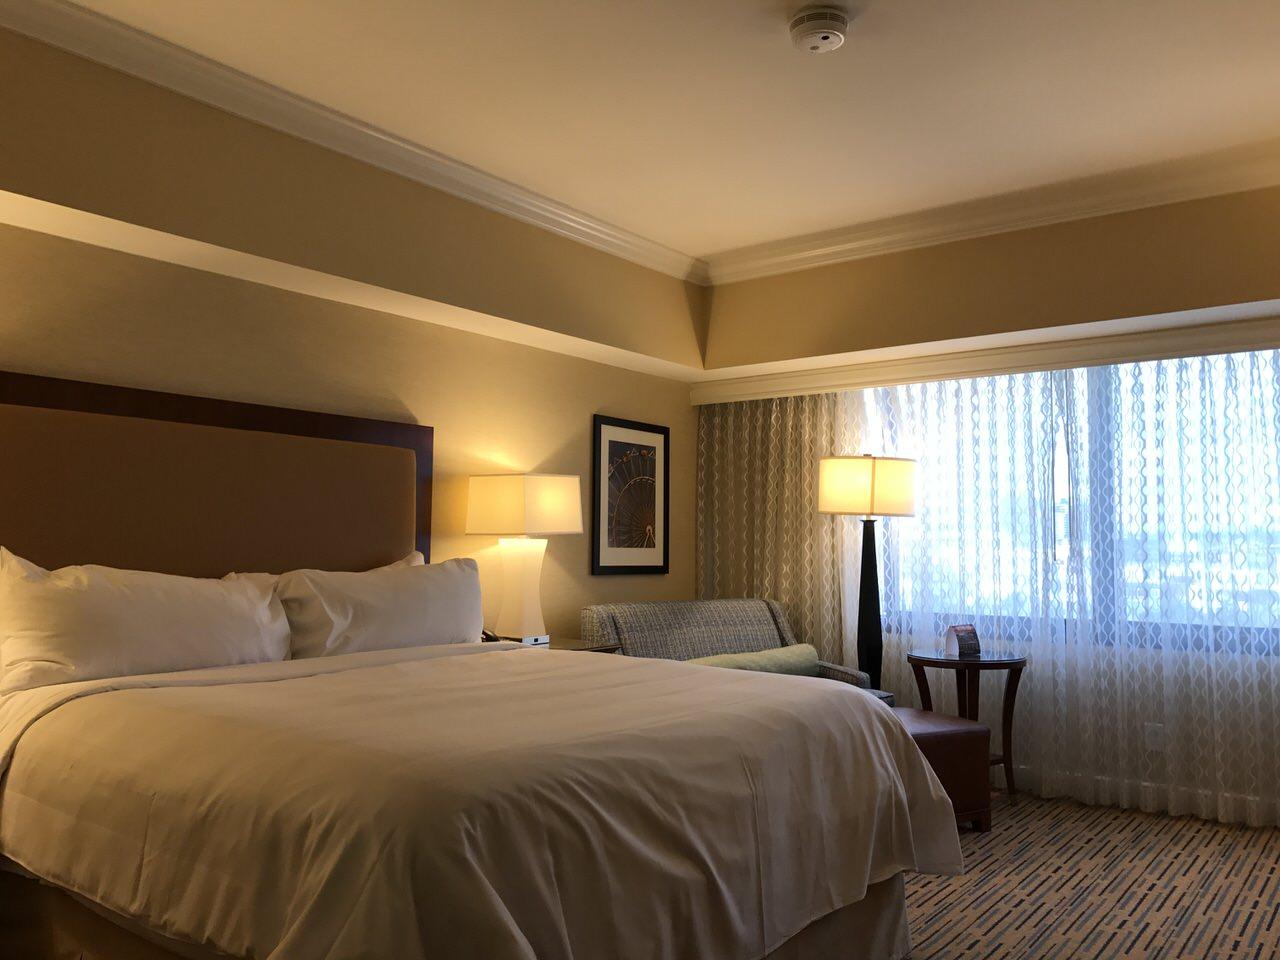 Hotel marriott sandiego0406